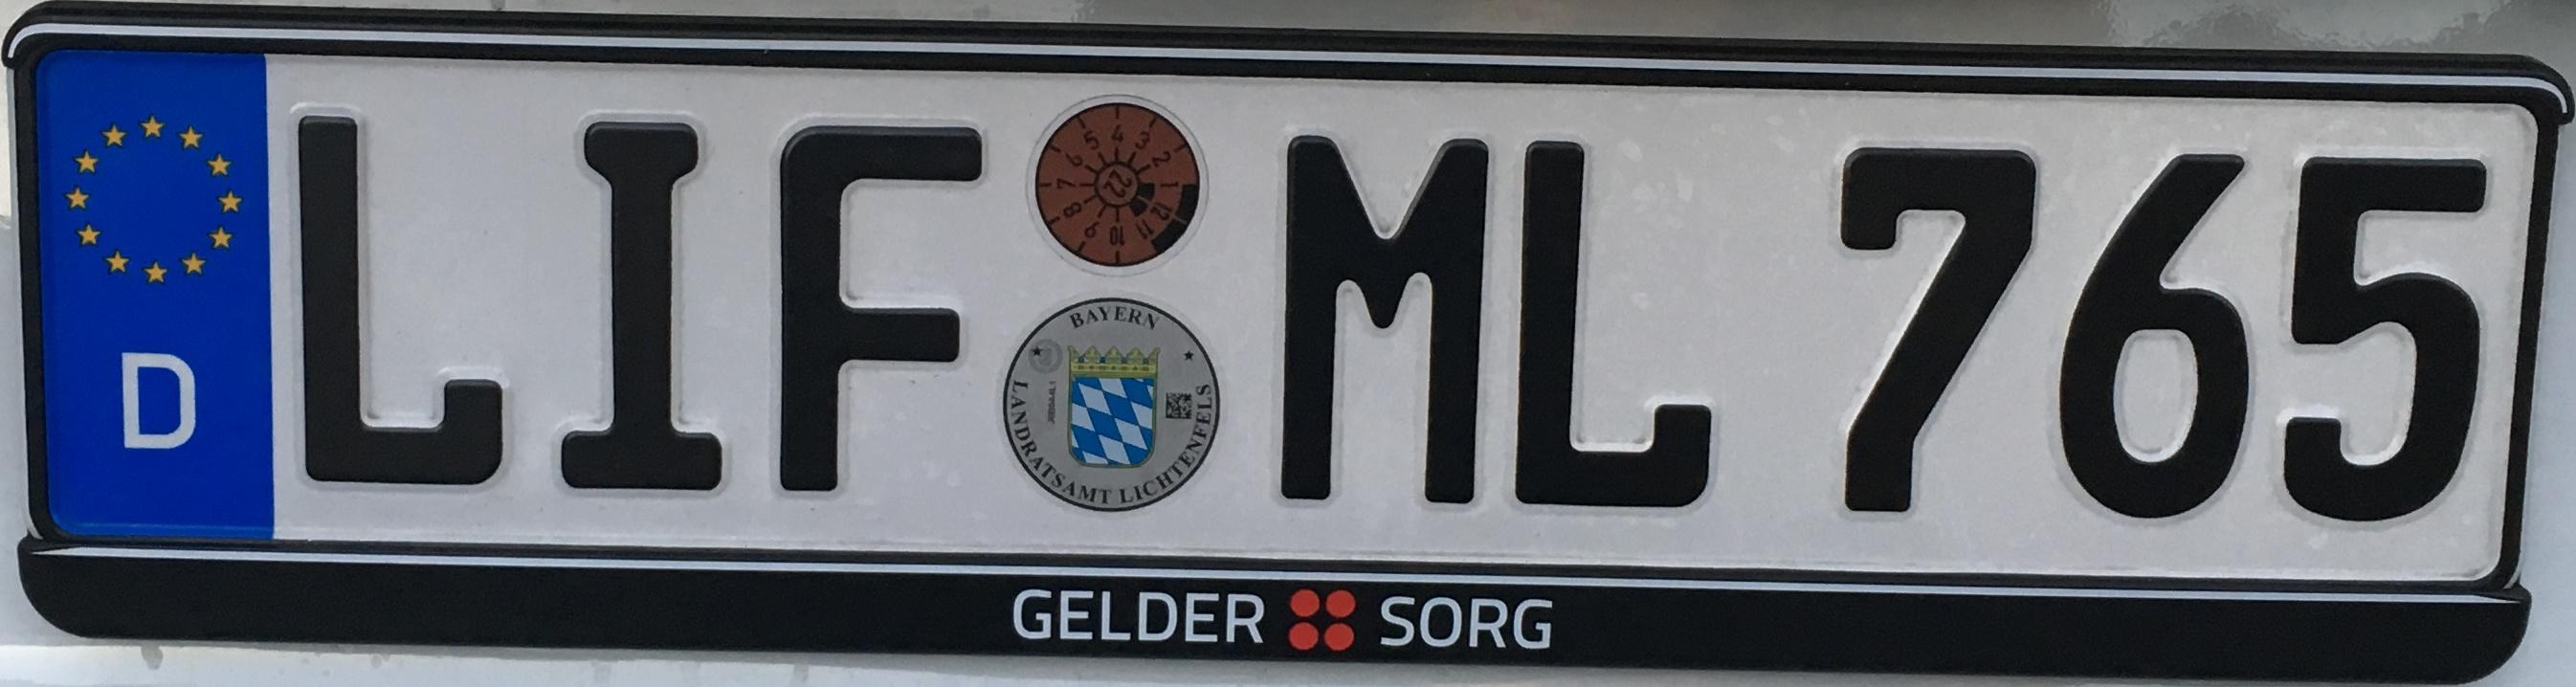 Registrační značky Německo - LIF - okres Lichtenfels, foto: www.podalnici.cz